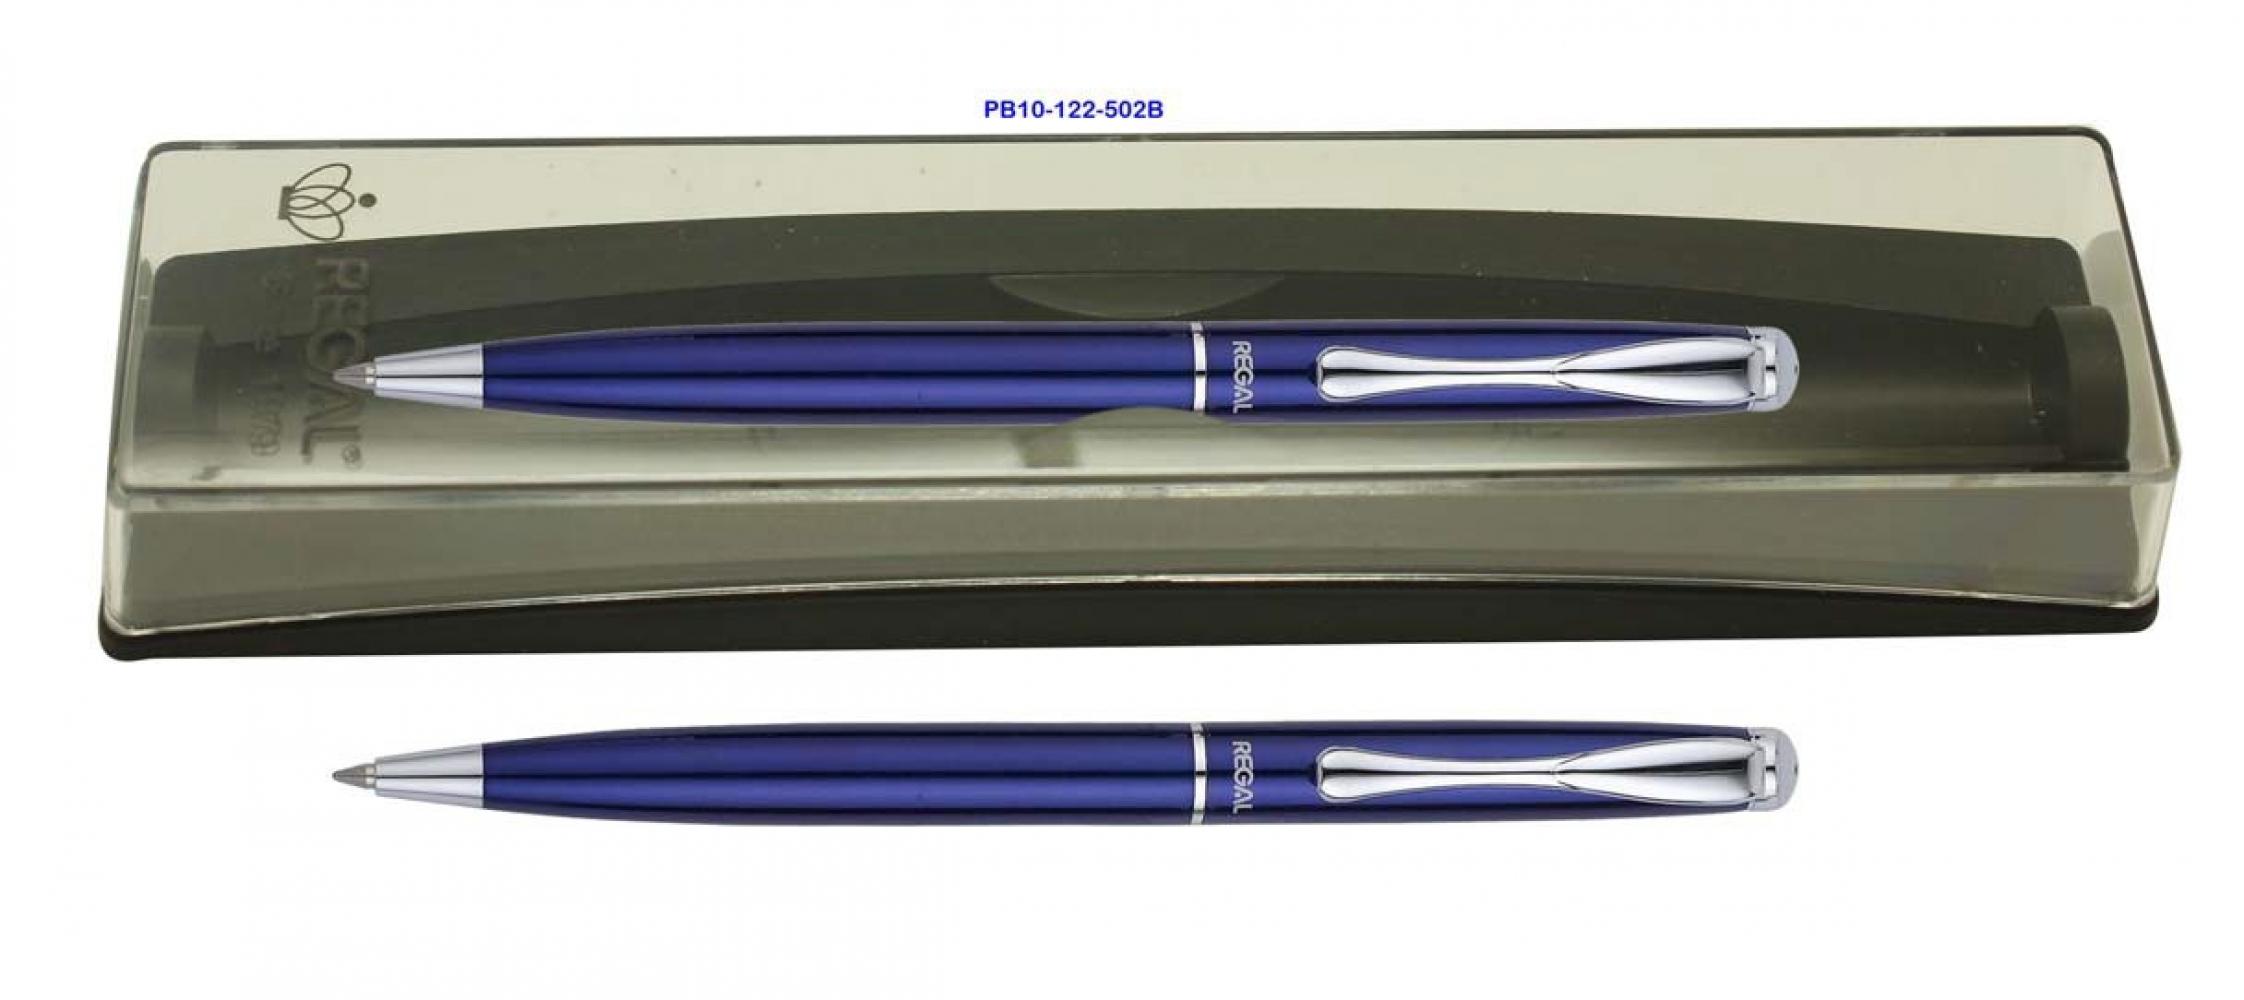 Ручка перьевая REGAL 122 в футляре, синий корпус